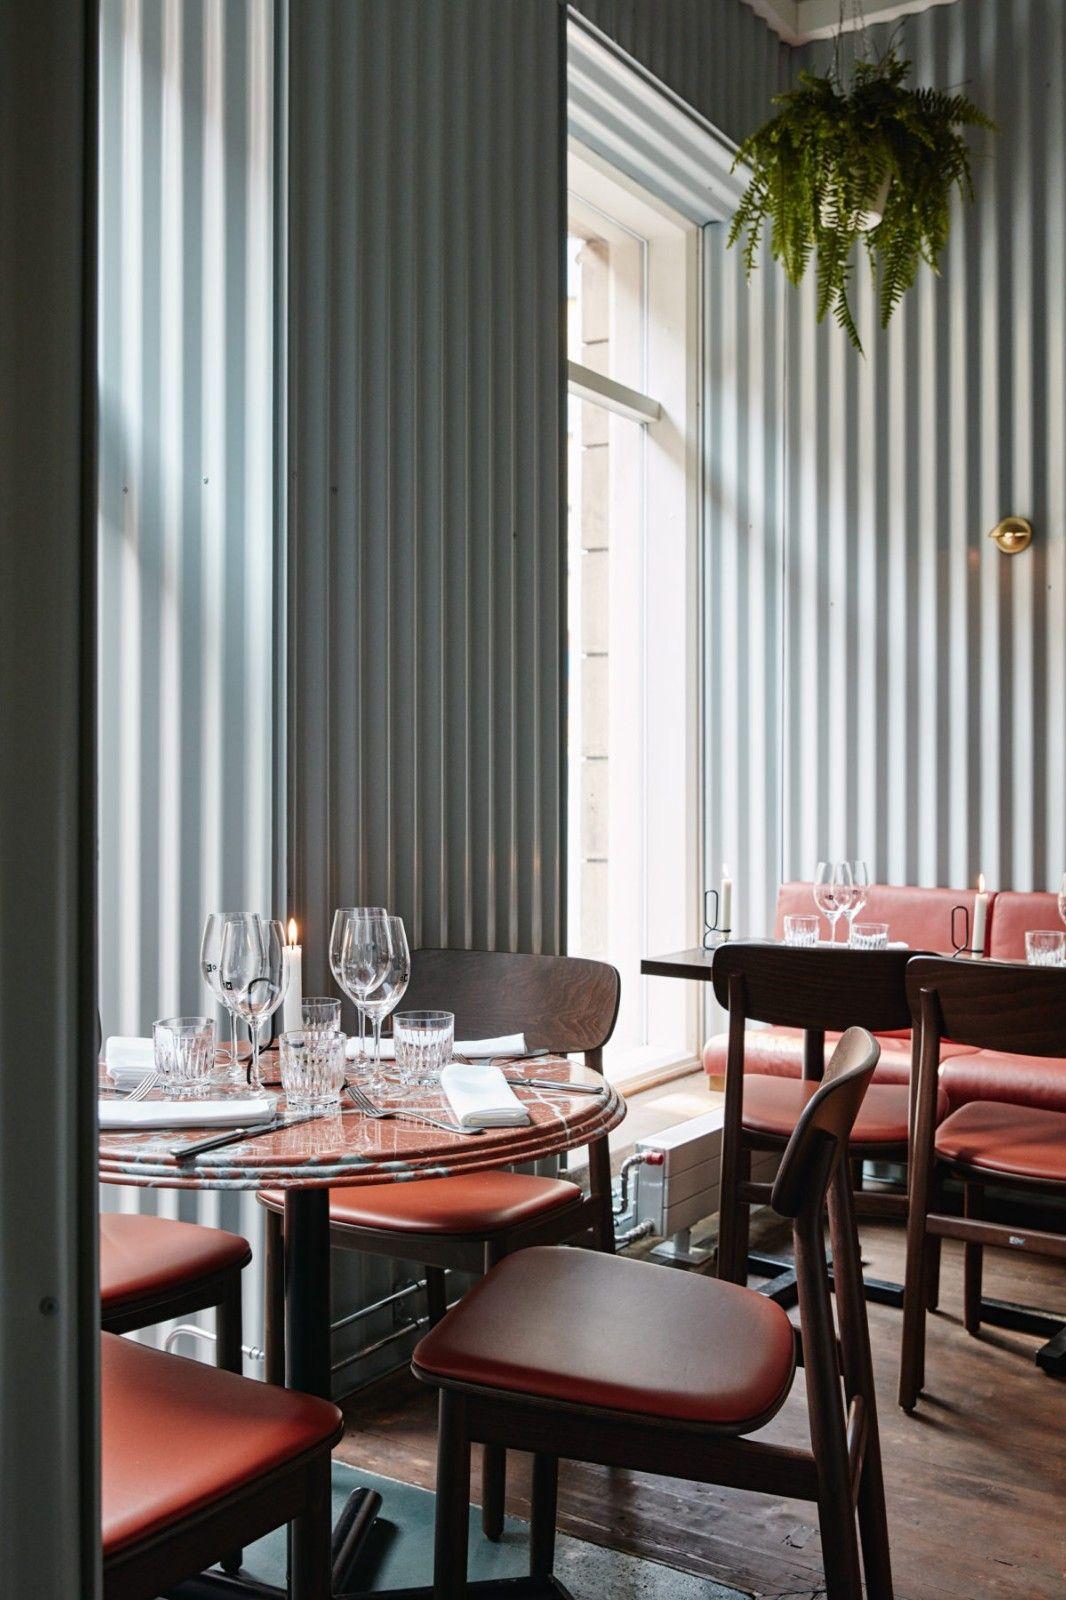 芬兰赫尔辛基 Ox 餐厅